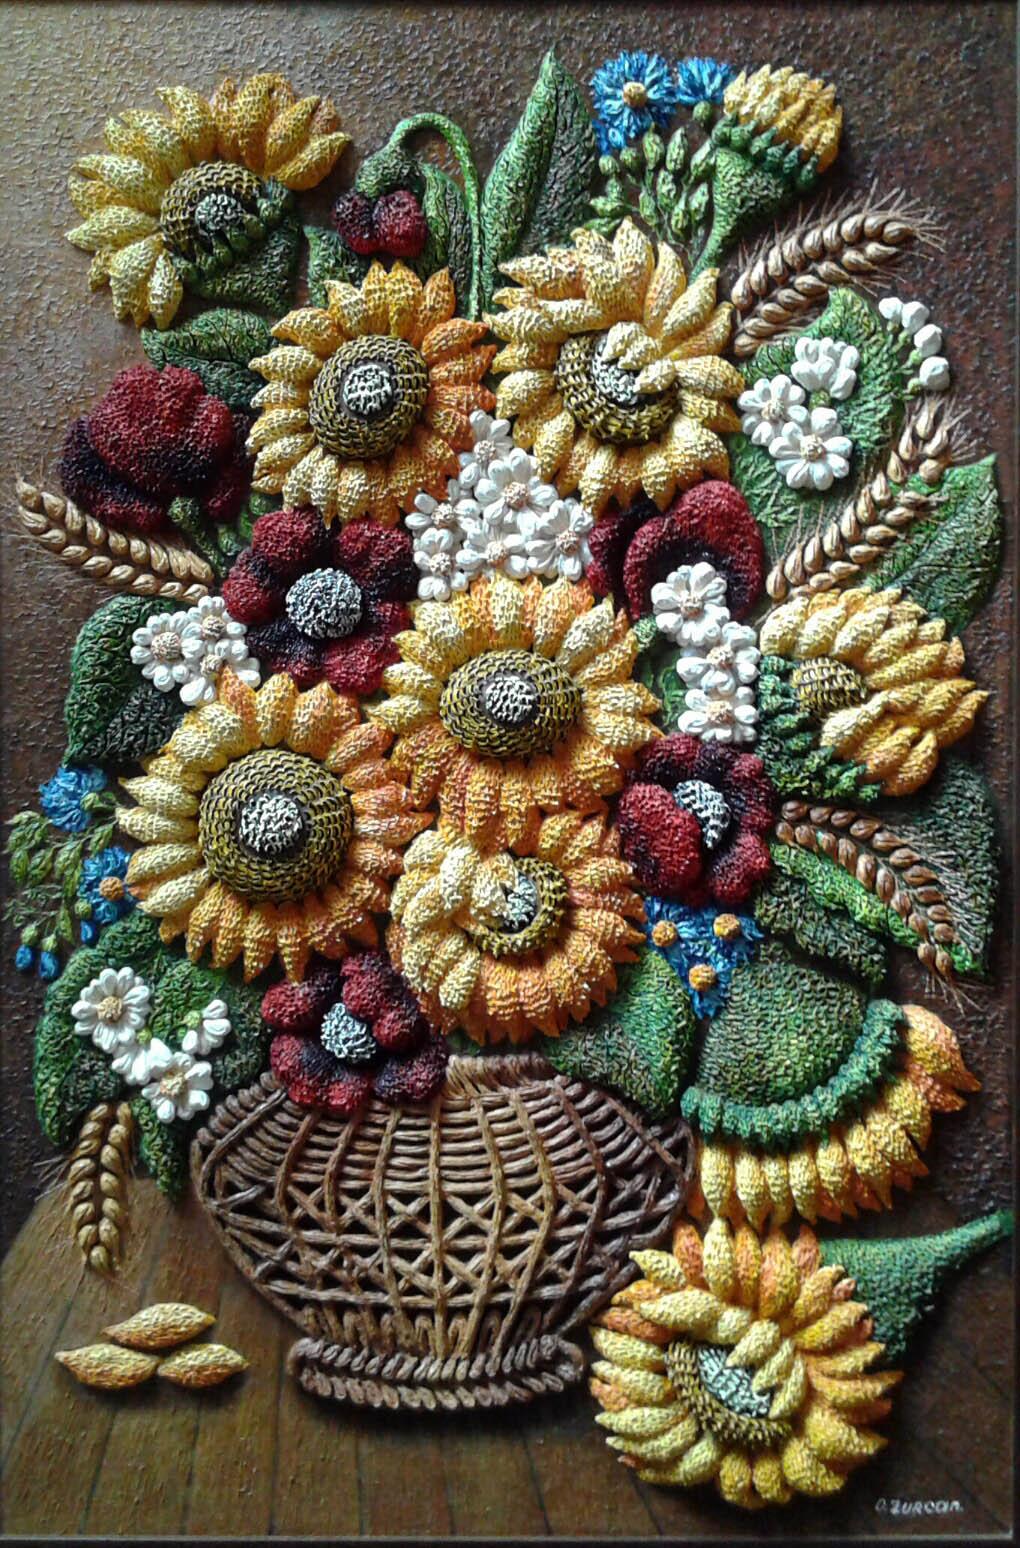 Zurcan Olga – Fiori d'autunno